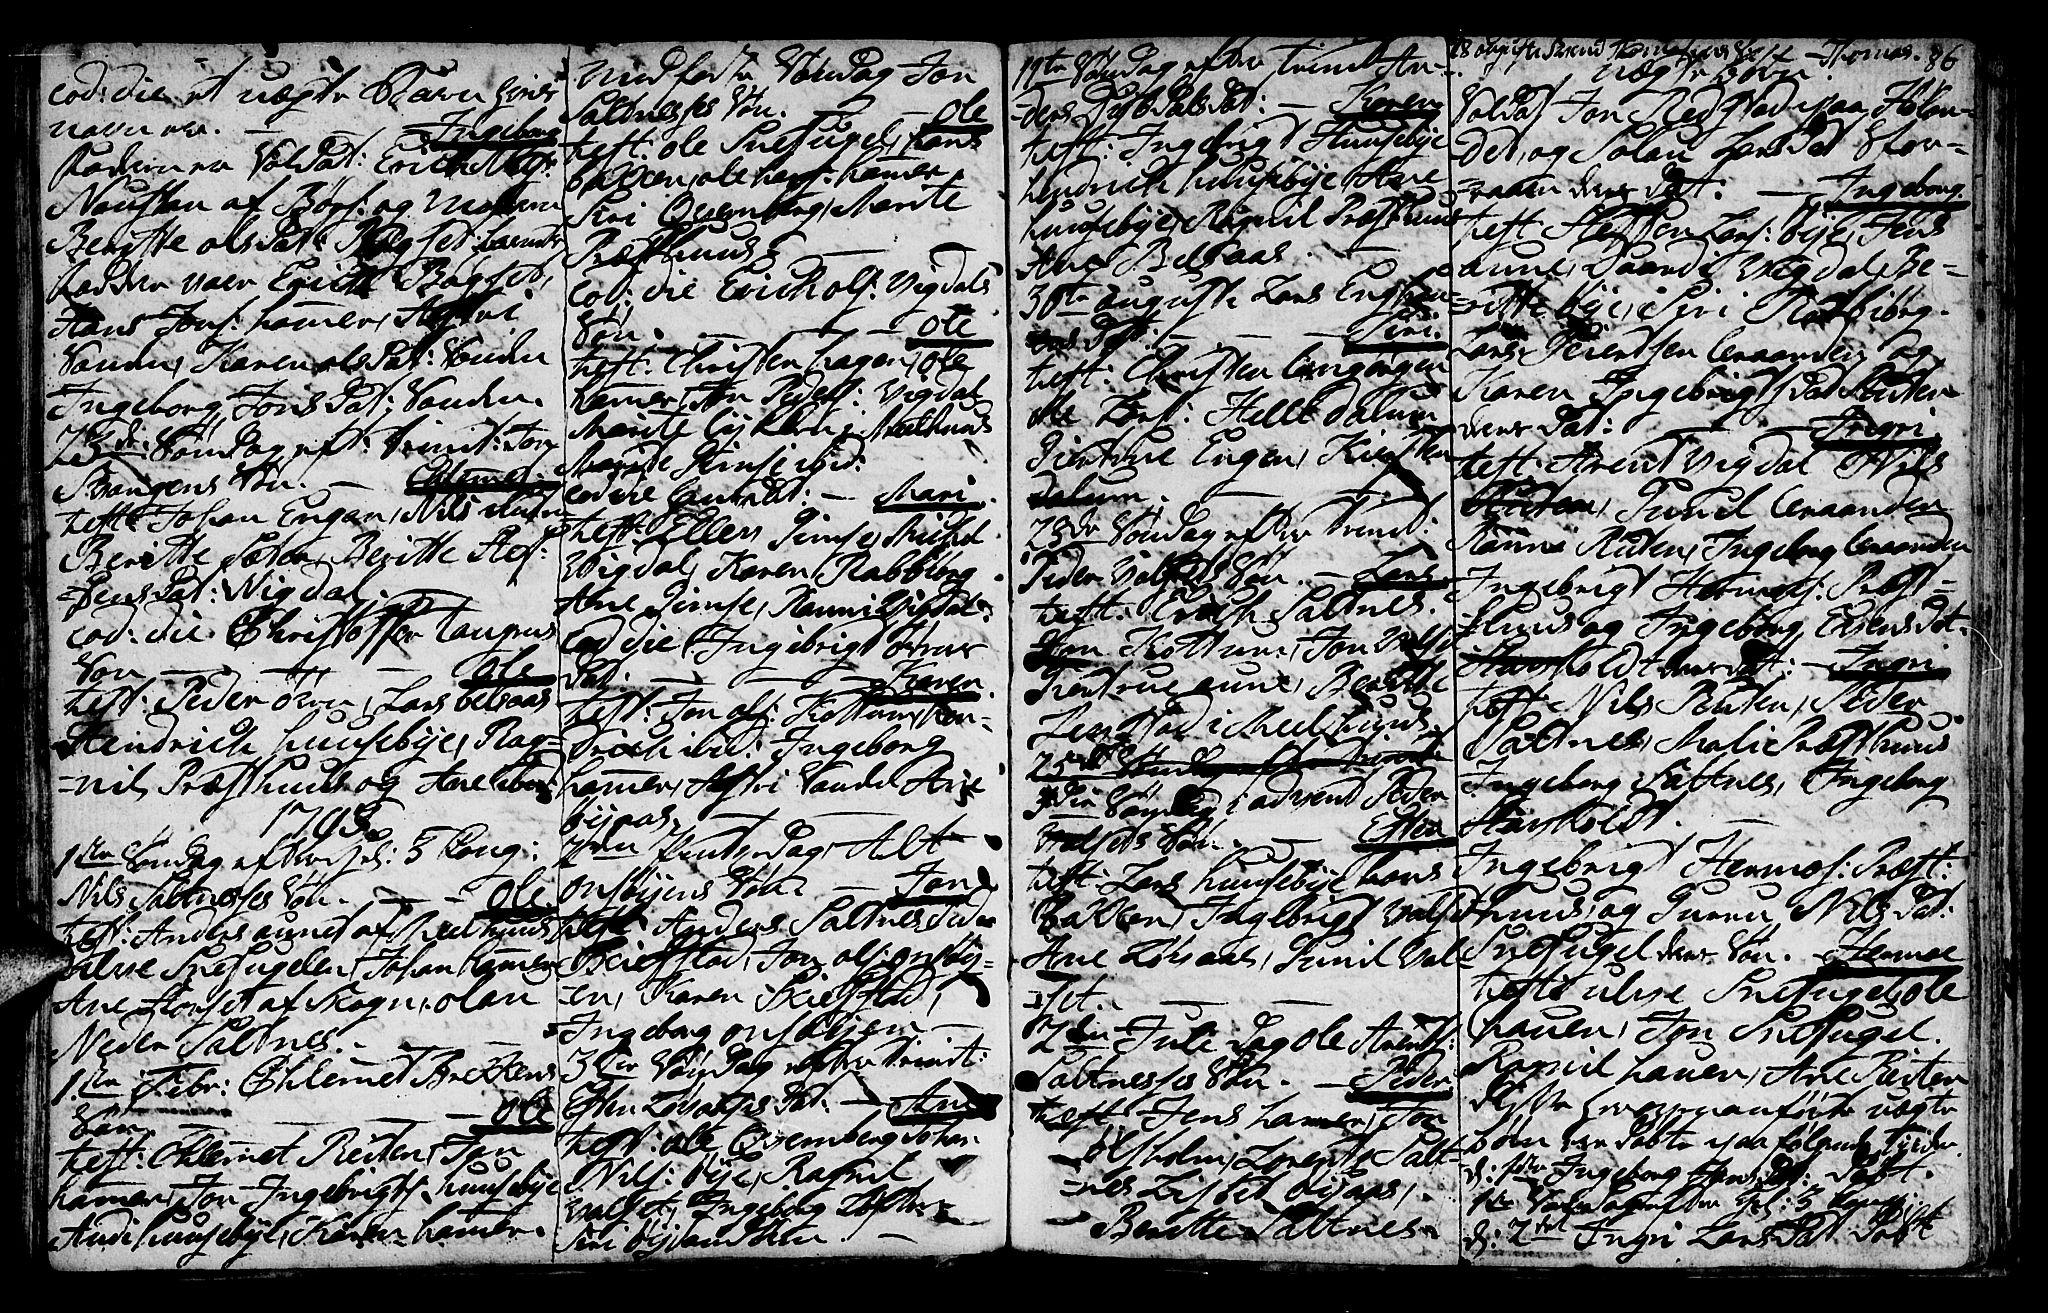 SAT, Ministerialprotokoller, klokkerbøker og fødselsregistre - Sør-Trøndelag, 666/L0784: Ministerialbok nr. 666A02, 1754-1802, s. 86